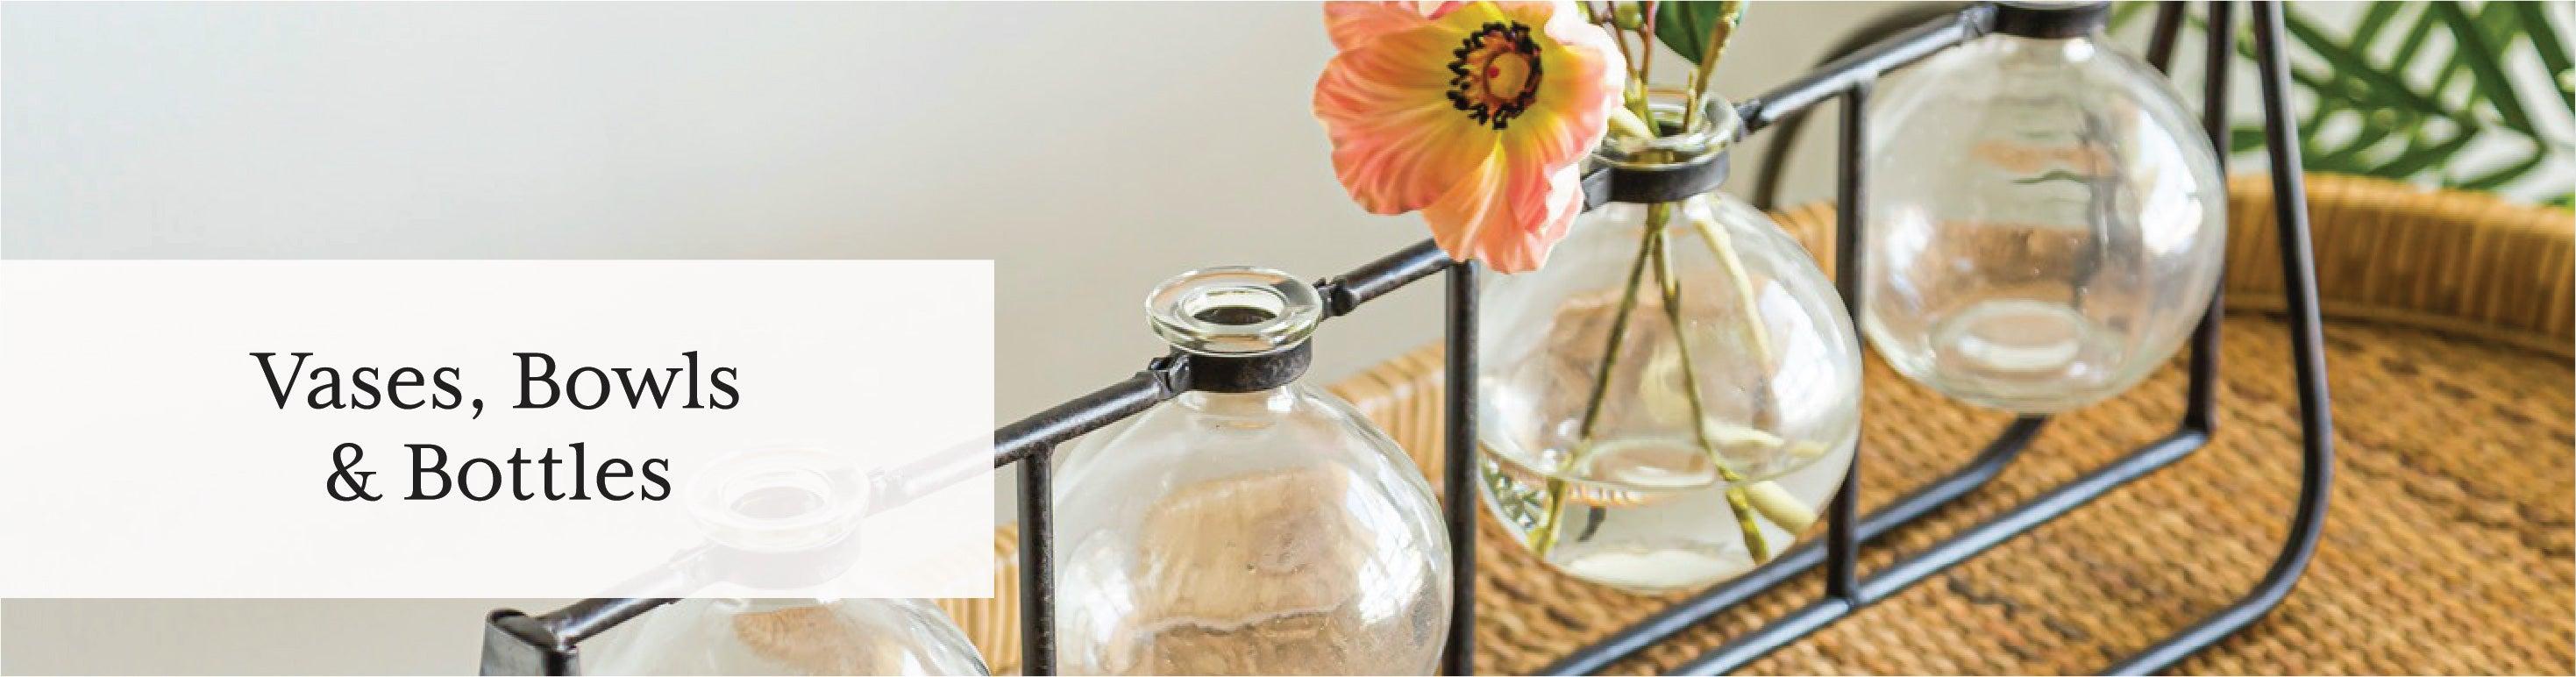 Vases, Bowls & Bottles